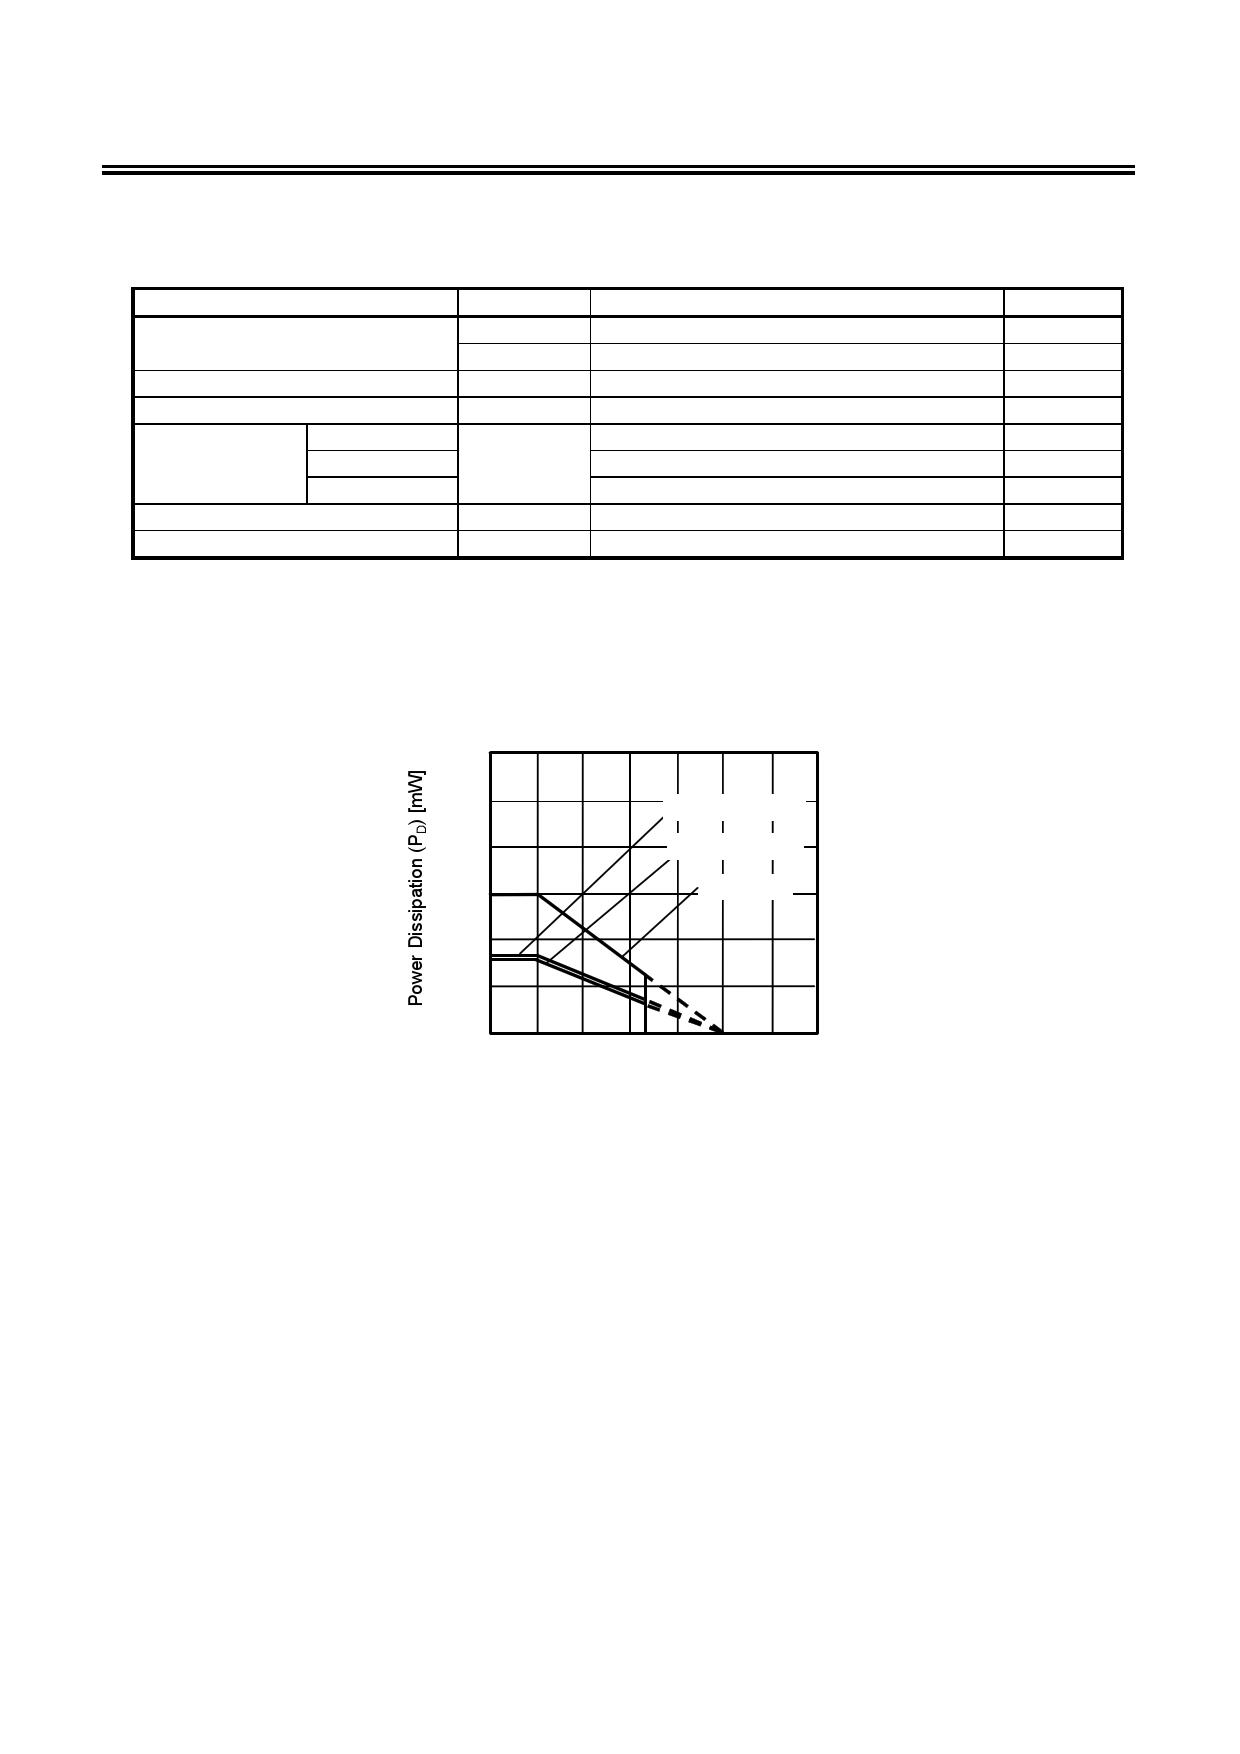 S-1312 arduino